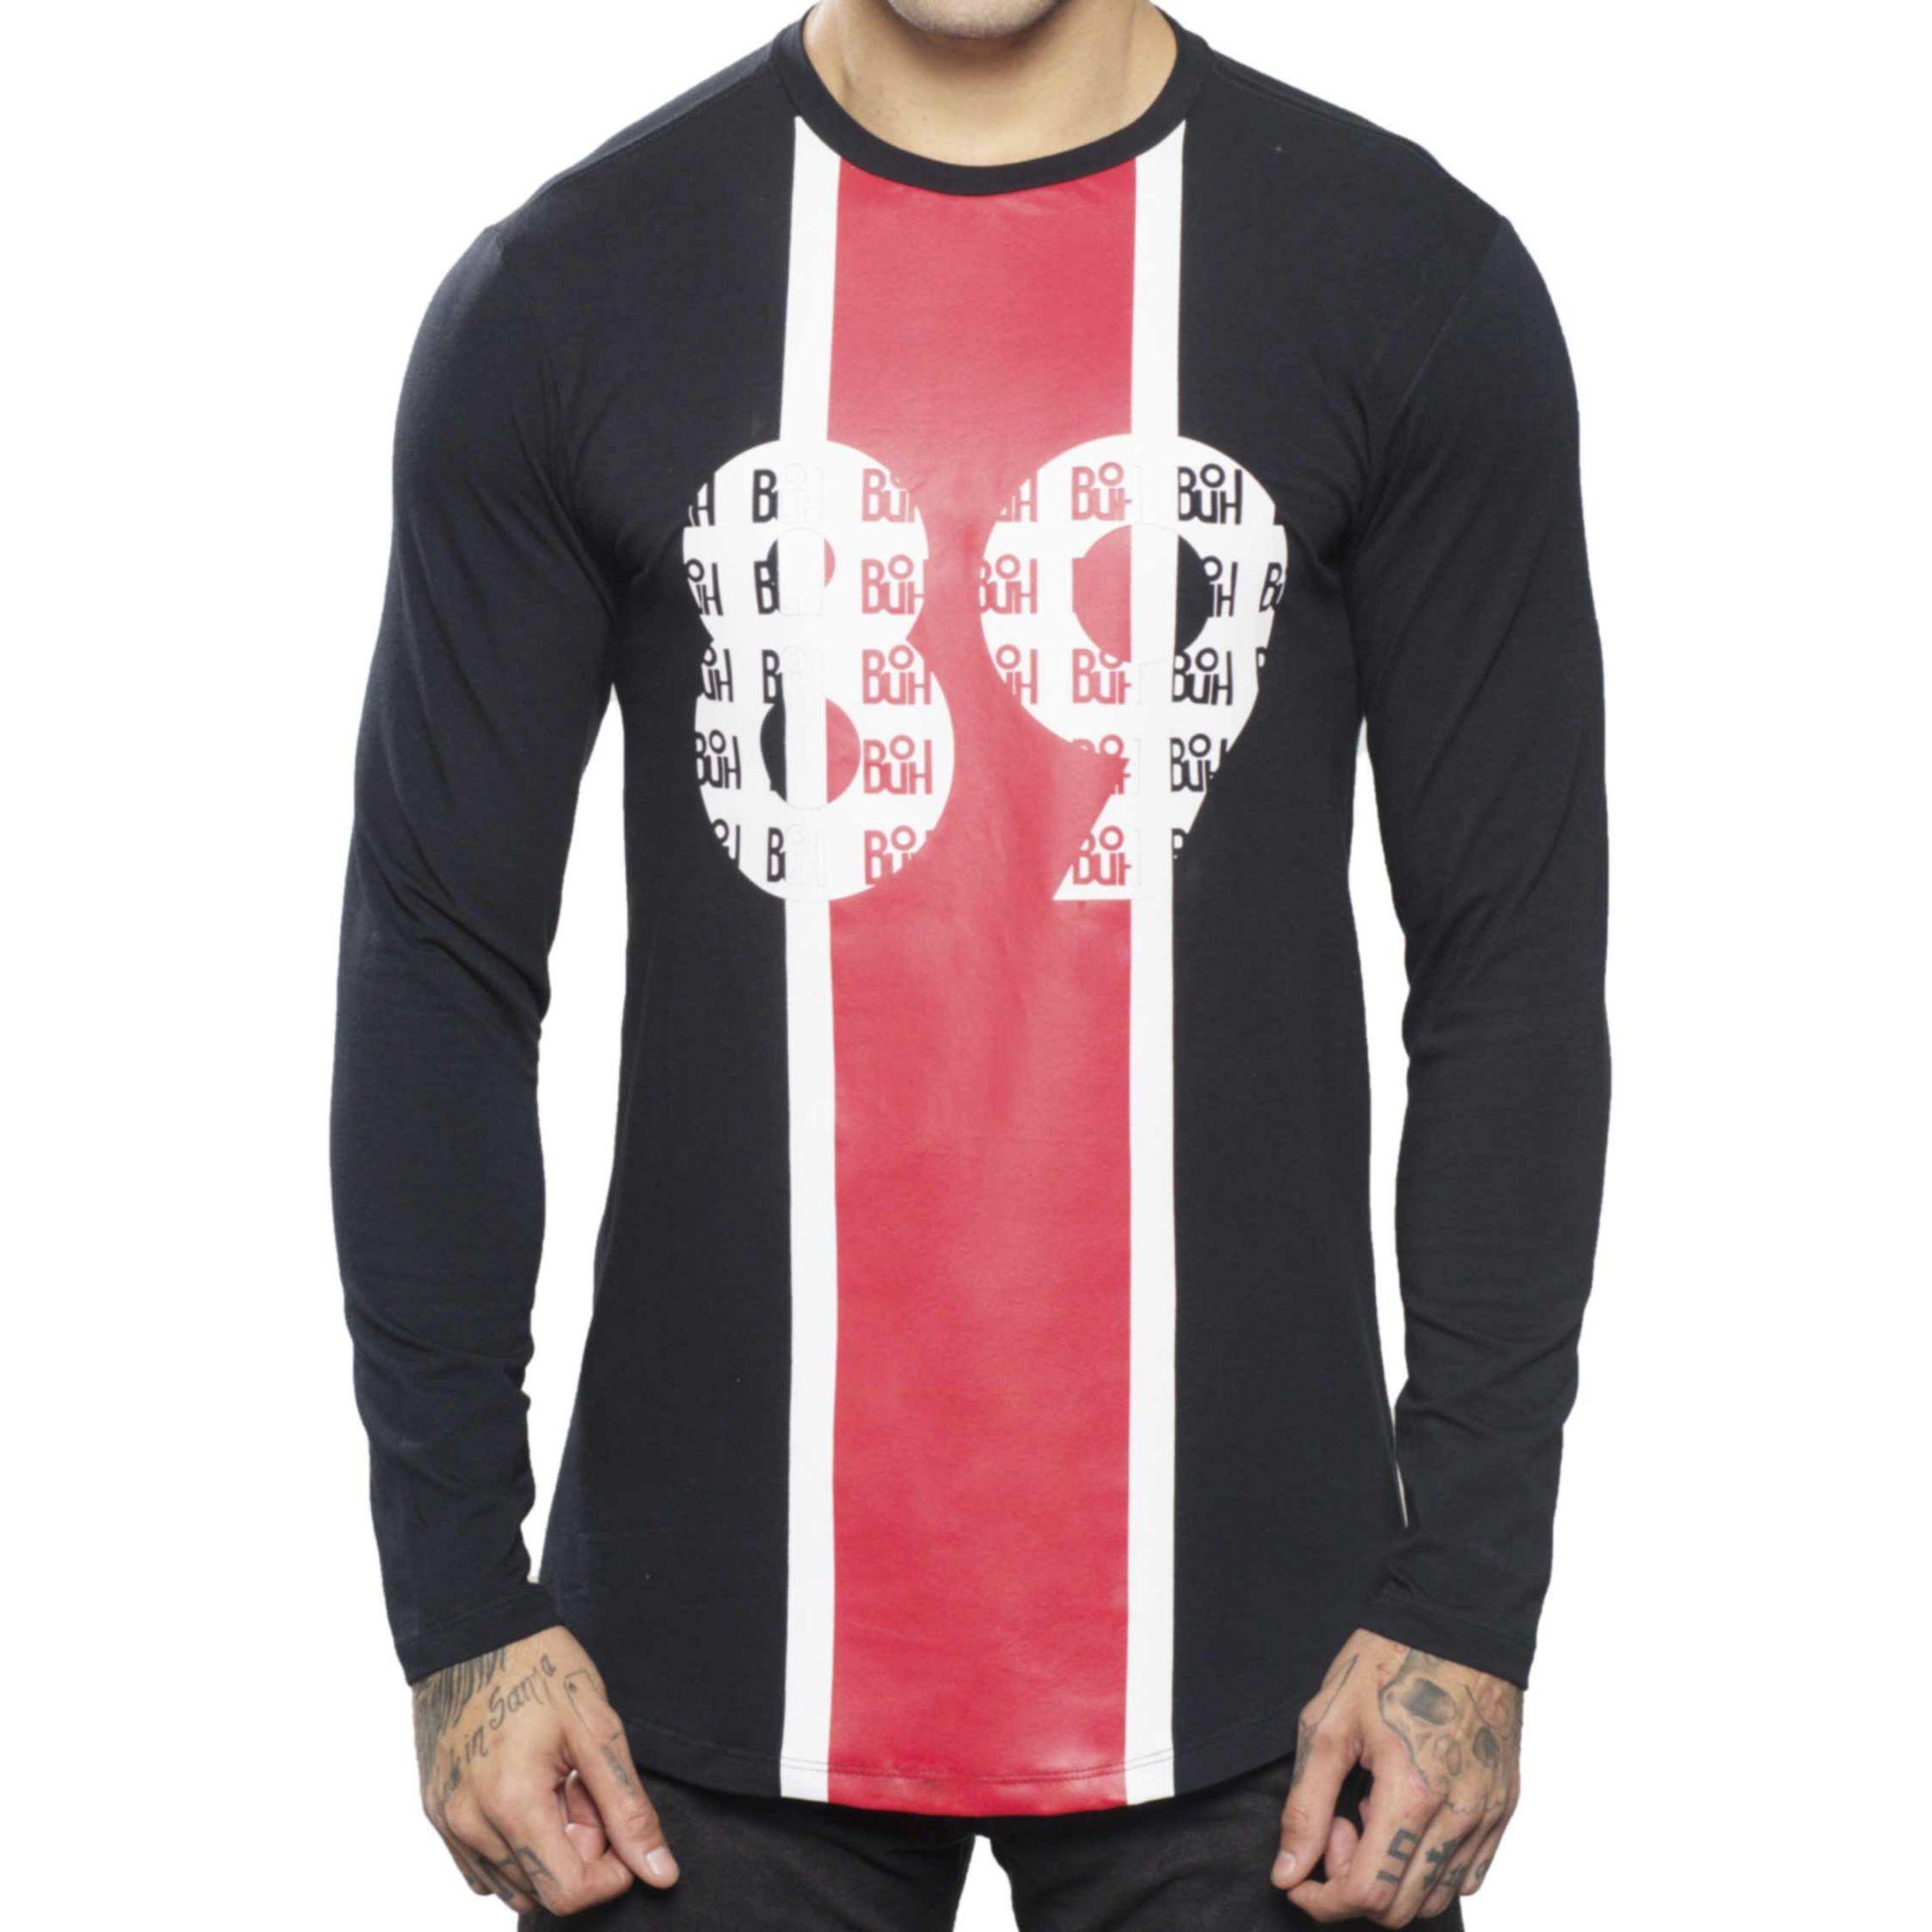 Camiseta Buh Manga Longa Listra 89